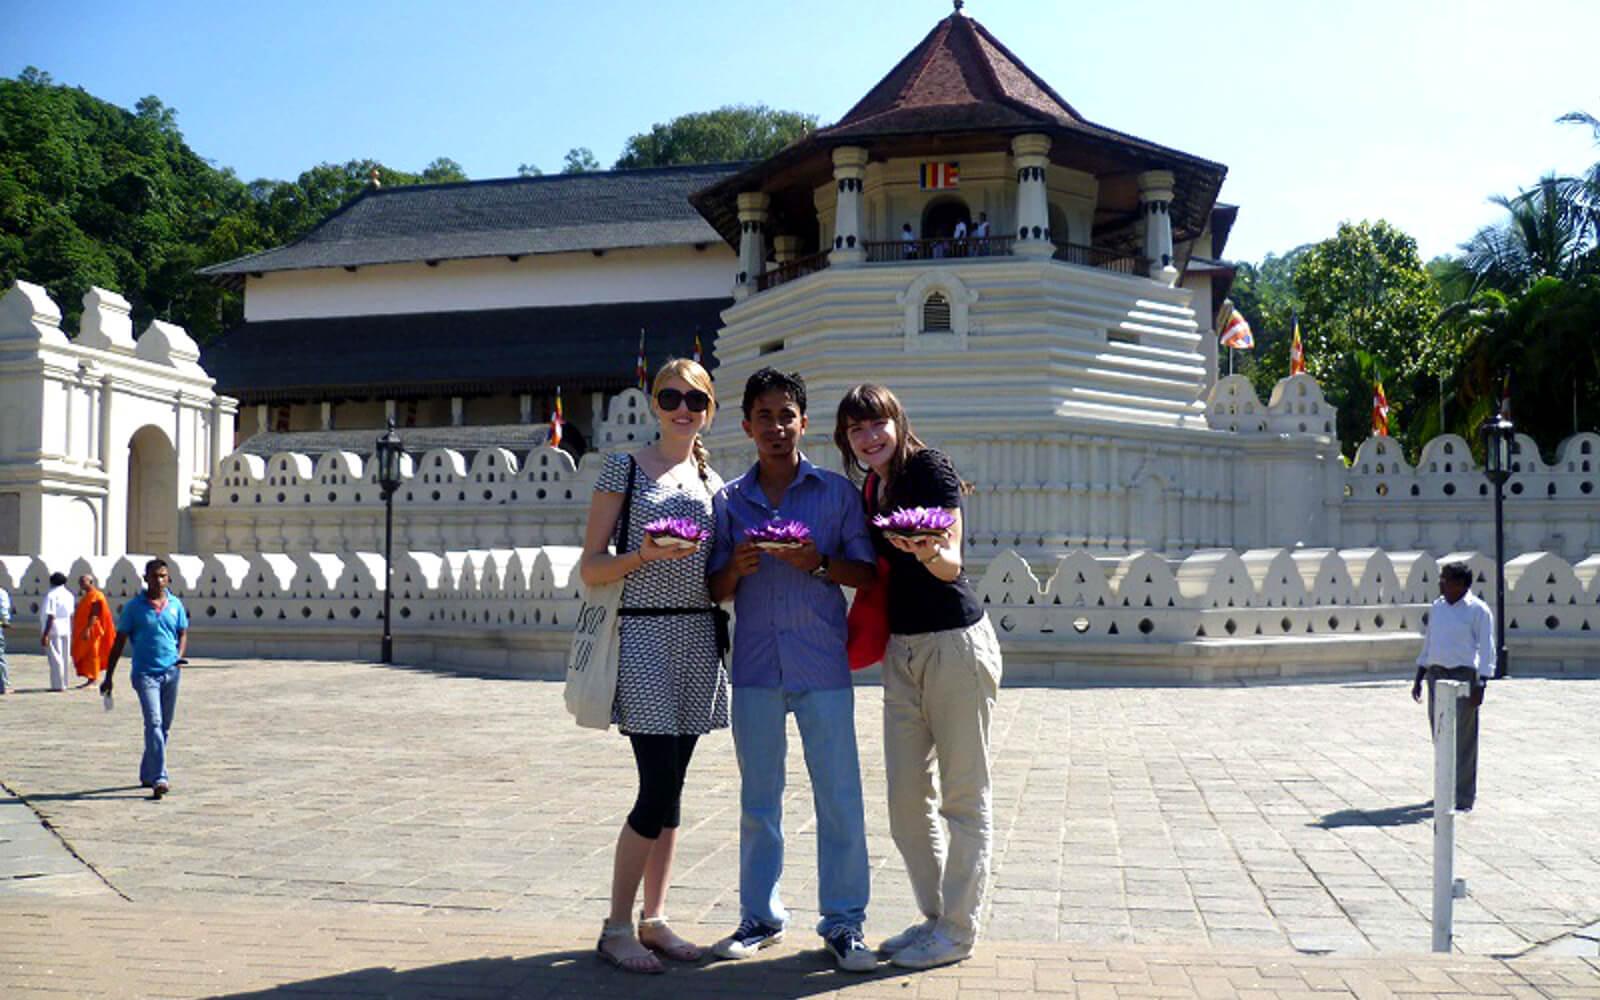 Interkulturelle Kommunikation: Gastschwestern mit ihrem Gastbruder